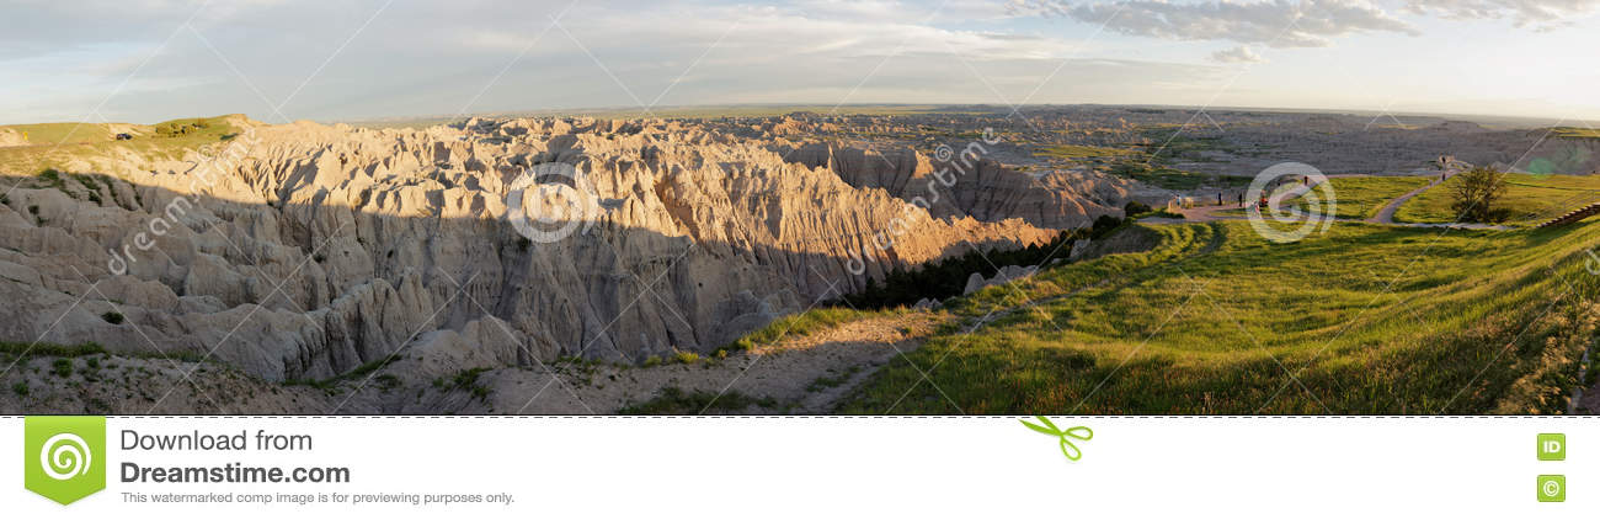 Parque nacional de los Badlands - los pináculos pasan por alto en la puesta del sol